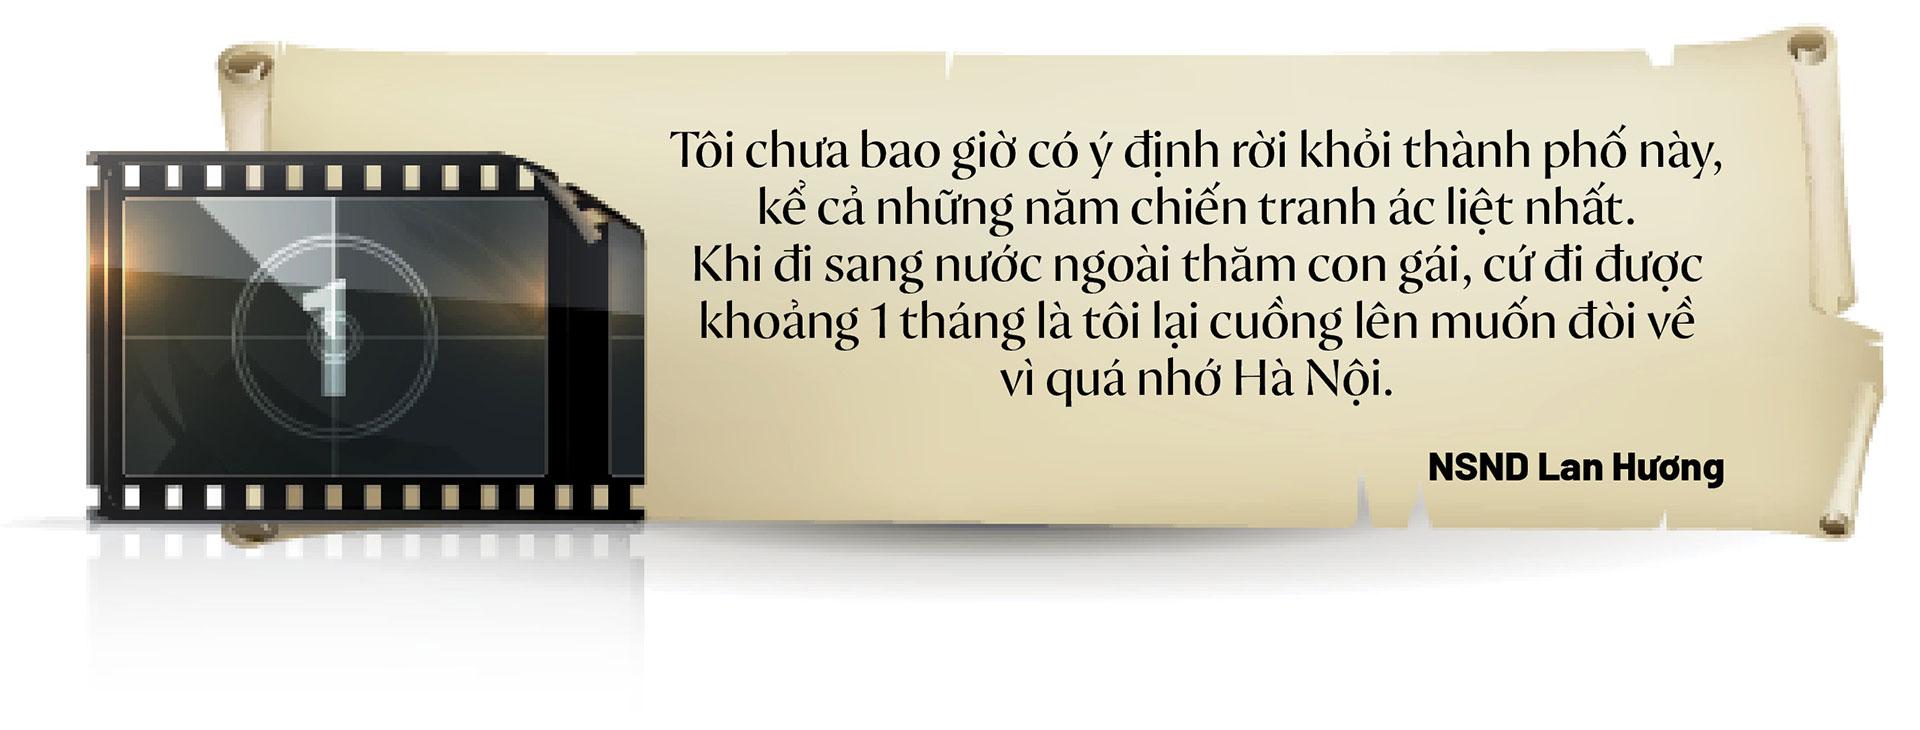 NSND Lan Hương: Tôi chưa bao giờ nghĩ, mình có thể rời xa được Hà Nội  - Ảnh 2.